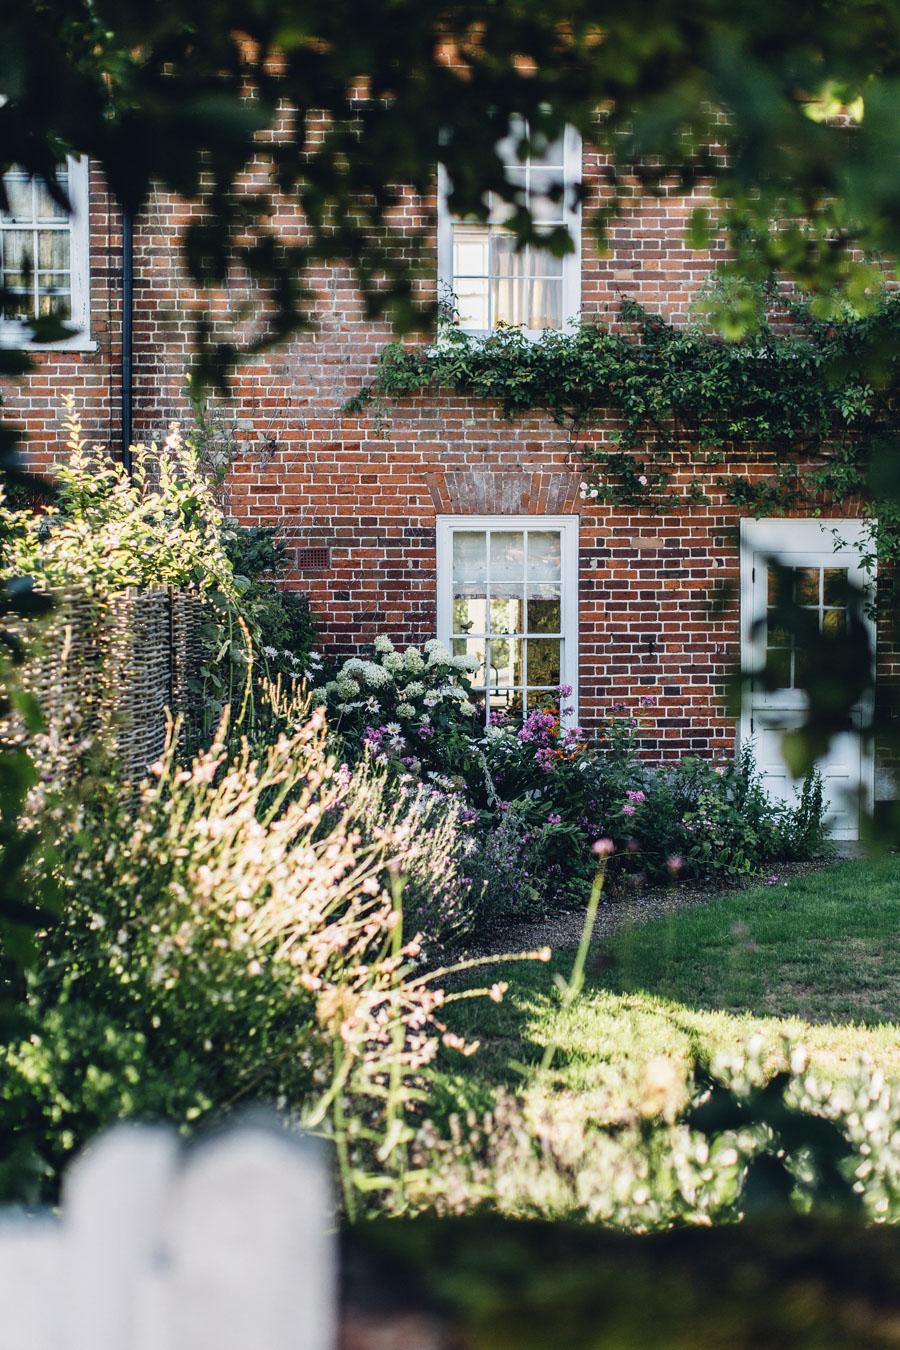 Orford, Suffolk